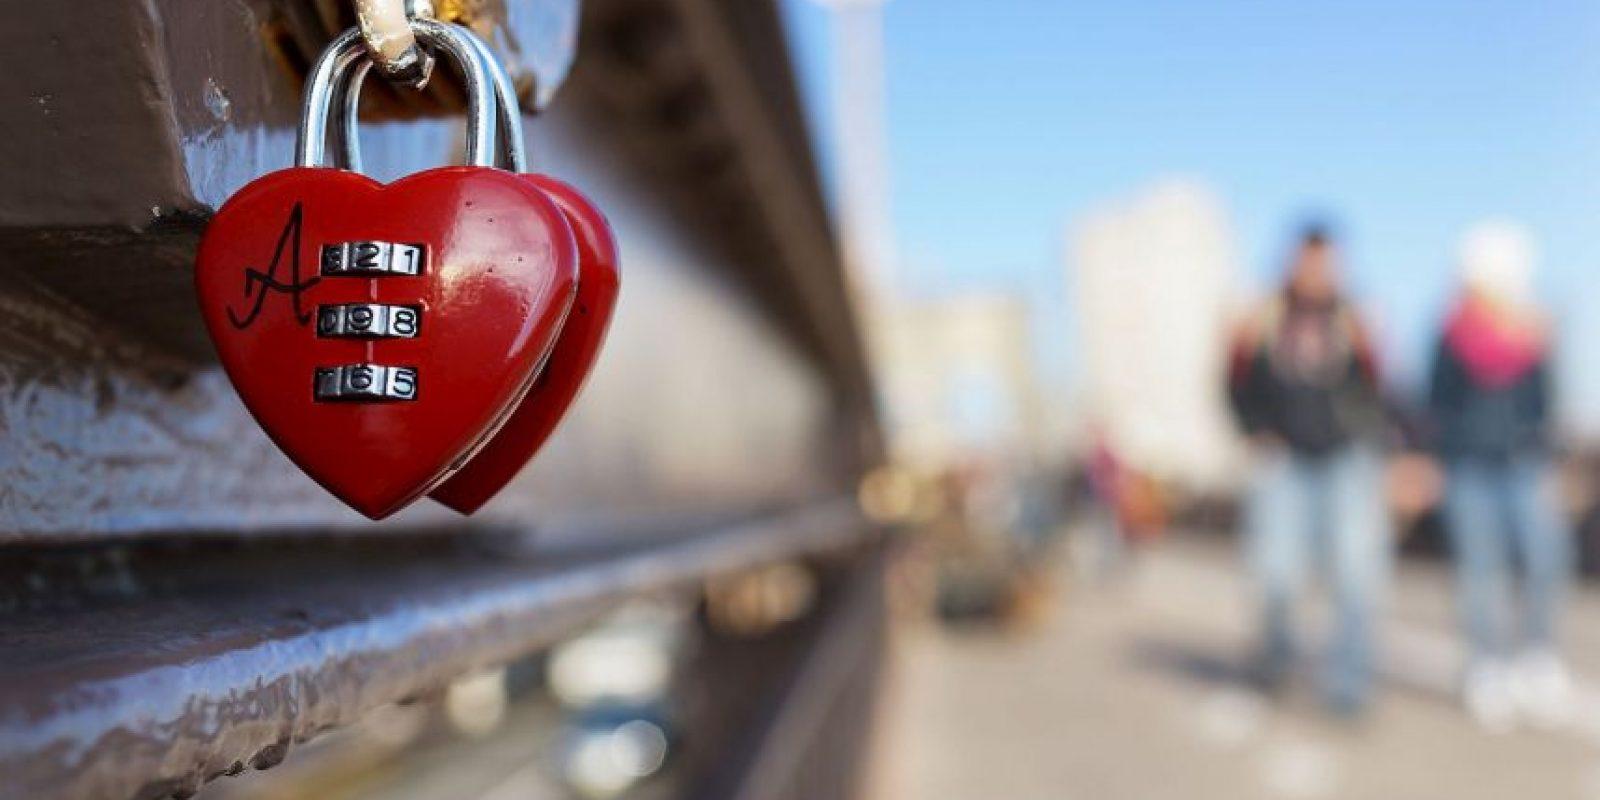 Es necesario que amplíen o diversifiquen sus oportunidades de conocer gente nueva, especialmente aquellas que tengan el mismo interés en encontrar una pareja estable. Foto:Getty Images